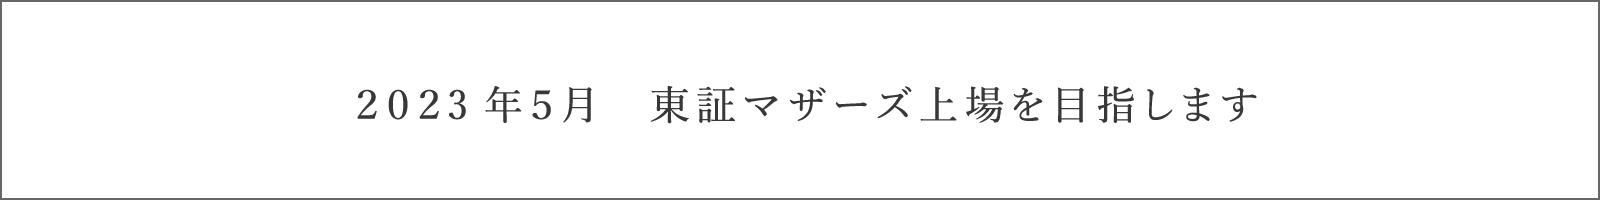 2023年5月 東証マザーズ上場を目指します